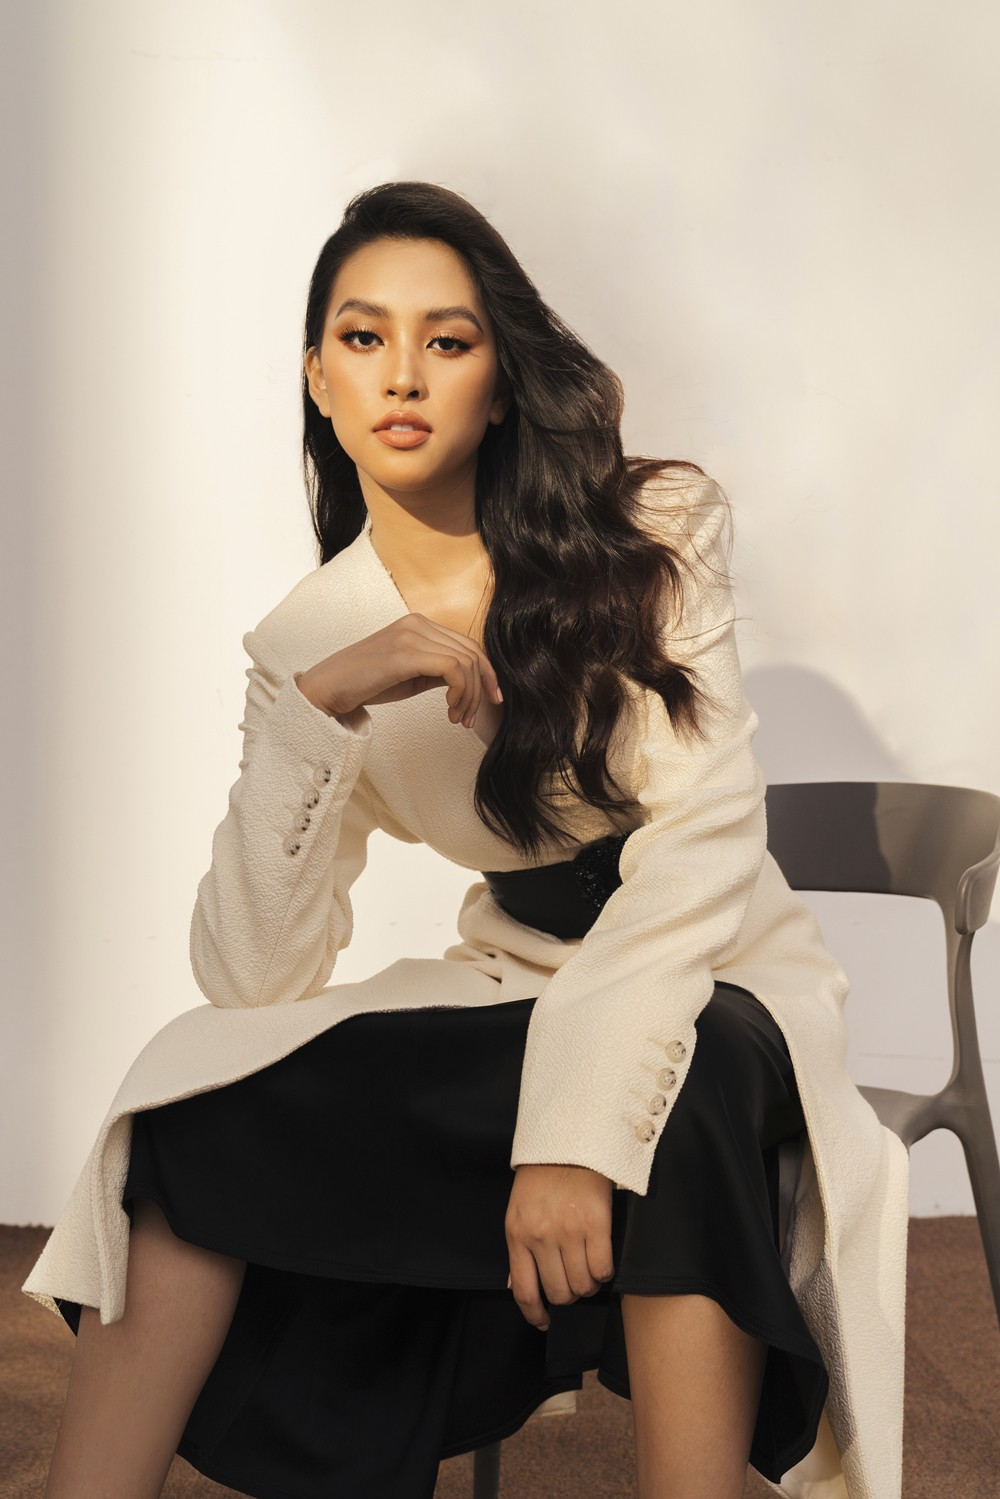 Hoa hậu Tiểu Vy giờ đây trưởng thành hơn, chín chắn hơn, tràn đầy sự tự tin và cá tính của riêng mình. Phong cách thời trang đáng chú ý với thân hình hoàn mỹ và những kỹ năng pose dáng chuyên nghiệp, đặc biệt không thể phủ nhận, thần thái và sự thăng hạng nhan sắc của nàng hậu là điều gây ấn tượng sâu đậm trong lòng khán giả.